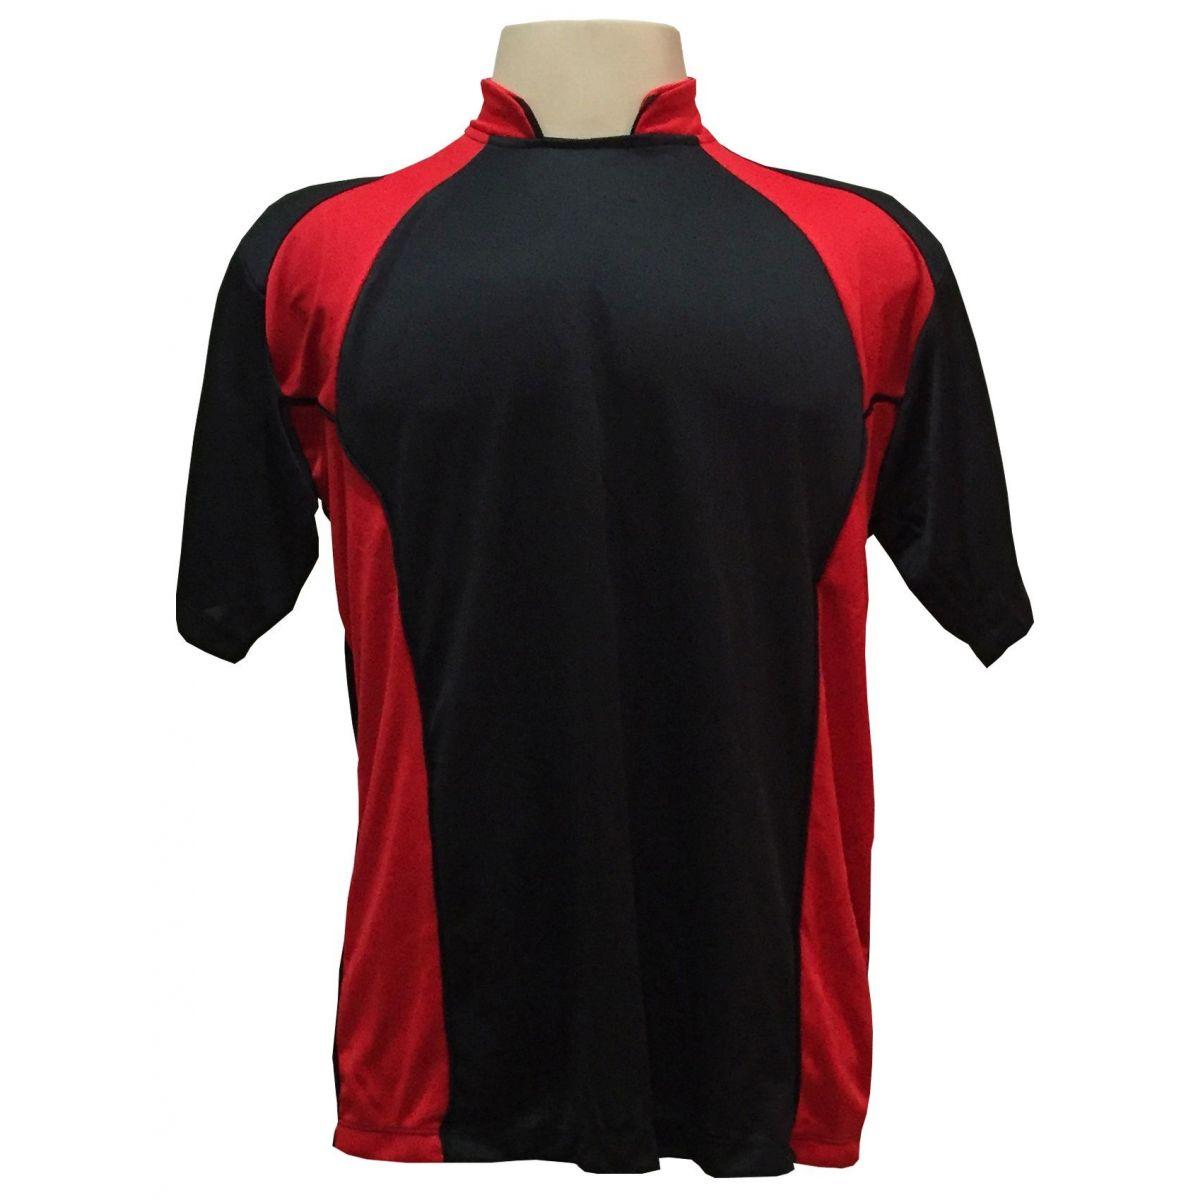 Uniforme Esportivo com 14 camisas modelo Suécia Preto/Vermelho + 14 calções modelo Madrid Vermelho + Brindes